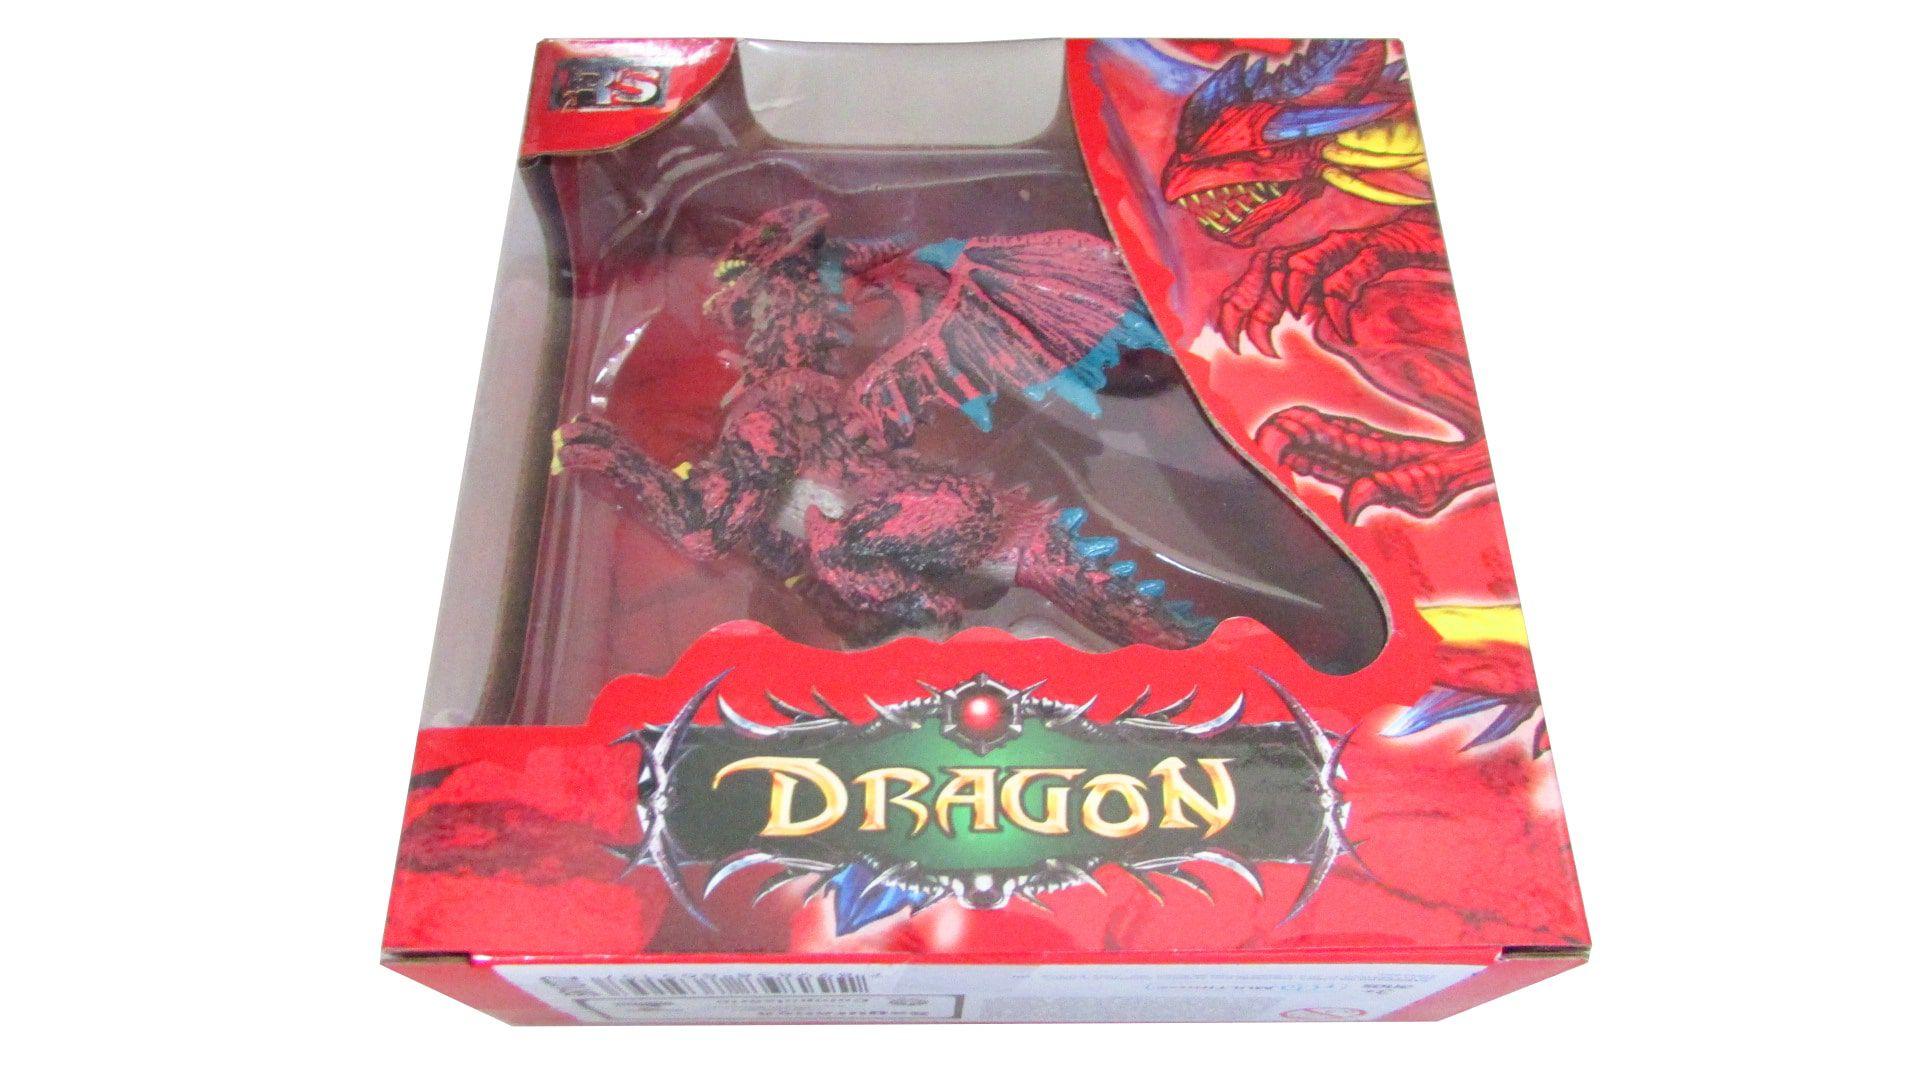 Dragão Aeolosaurus Vermelho Multikids BR1072